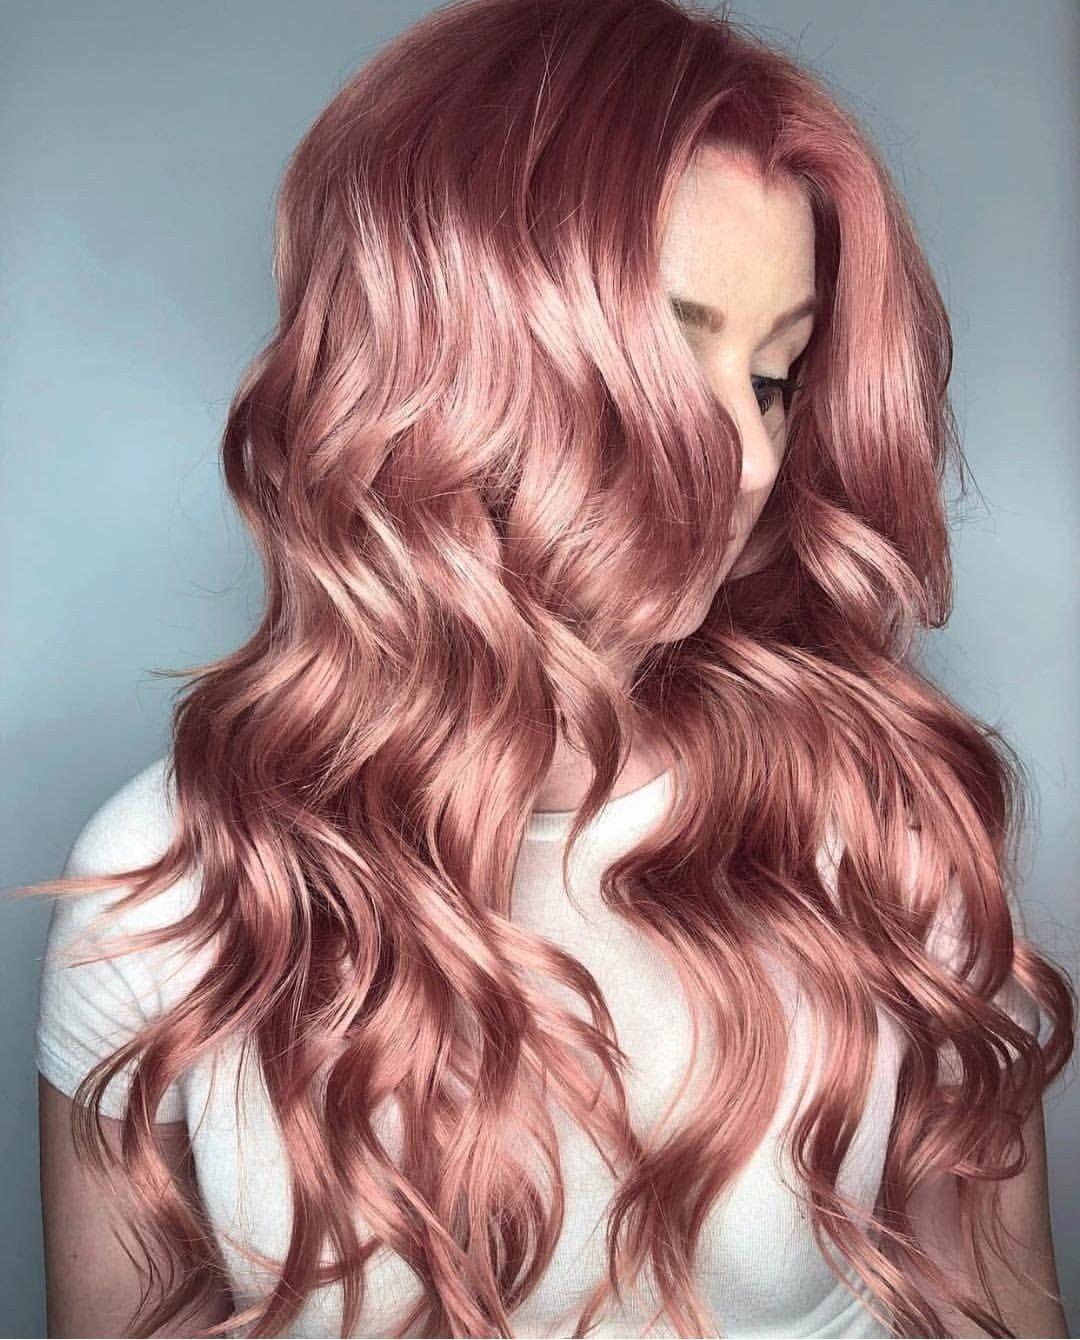 Тенденции окрашивания волос 2020 - фото №2